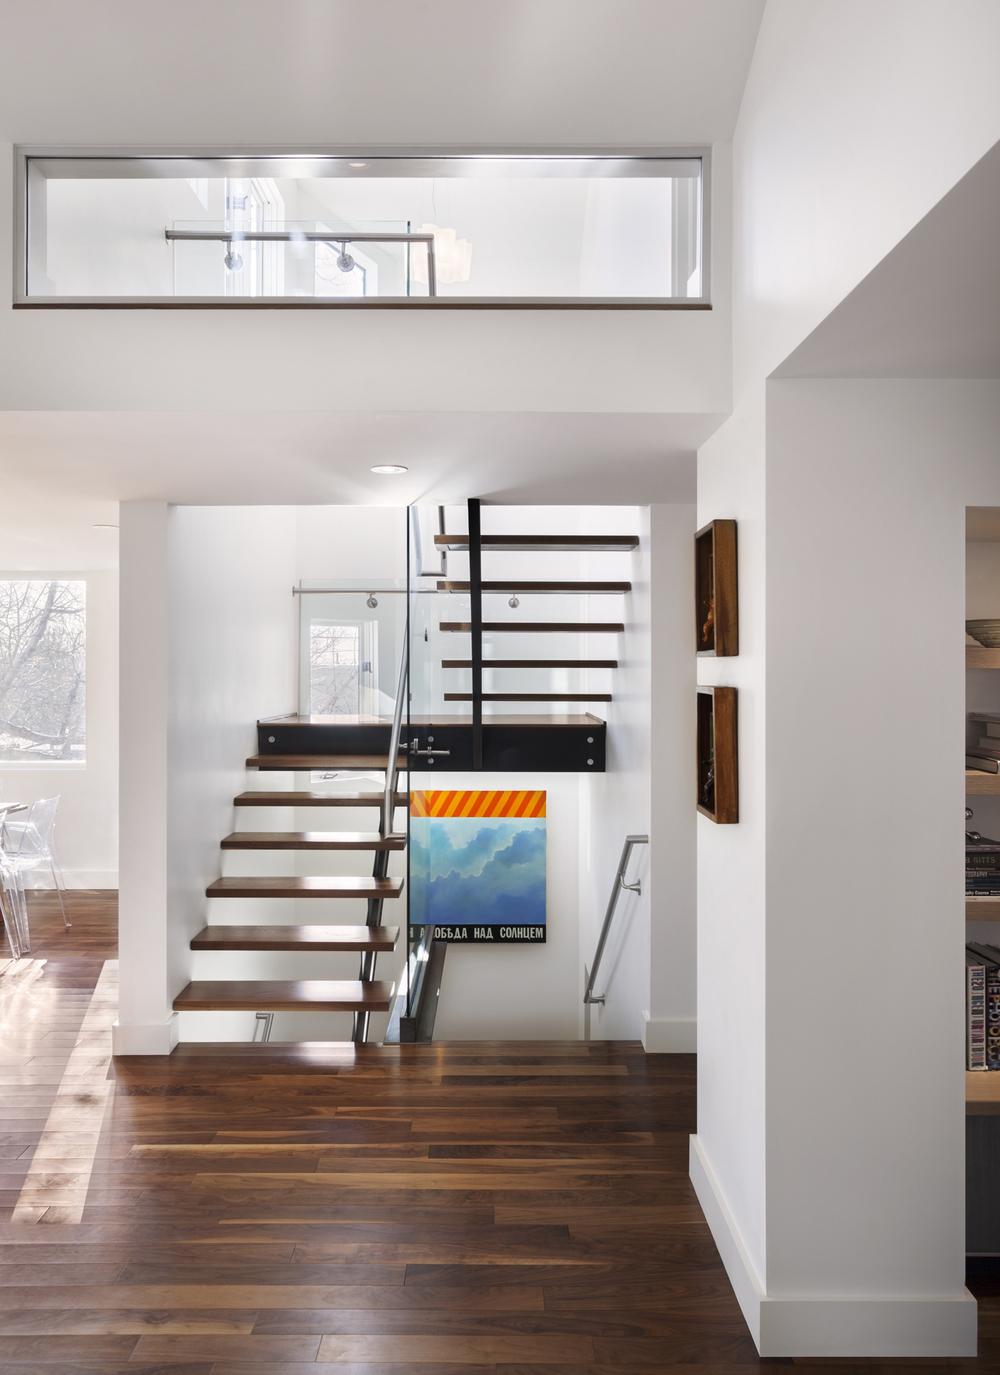 003_Stair View1.jpg